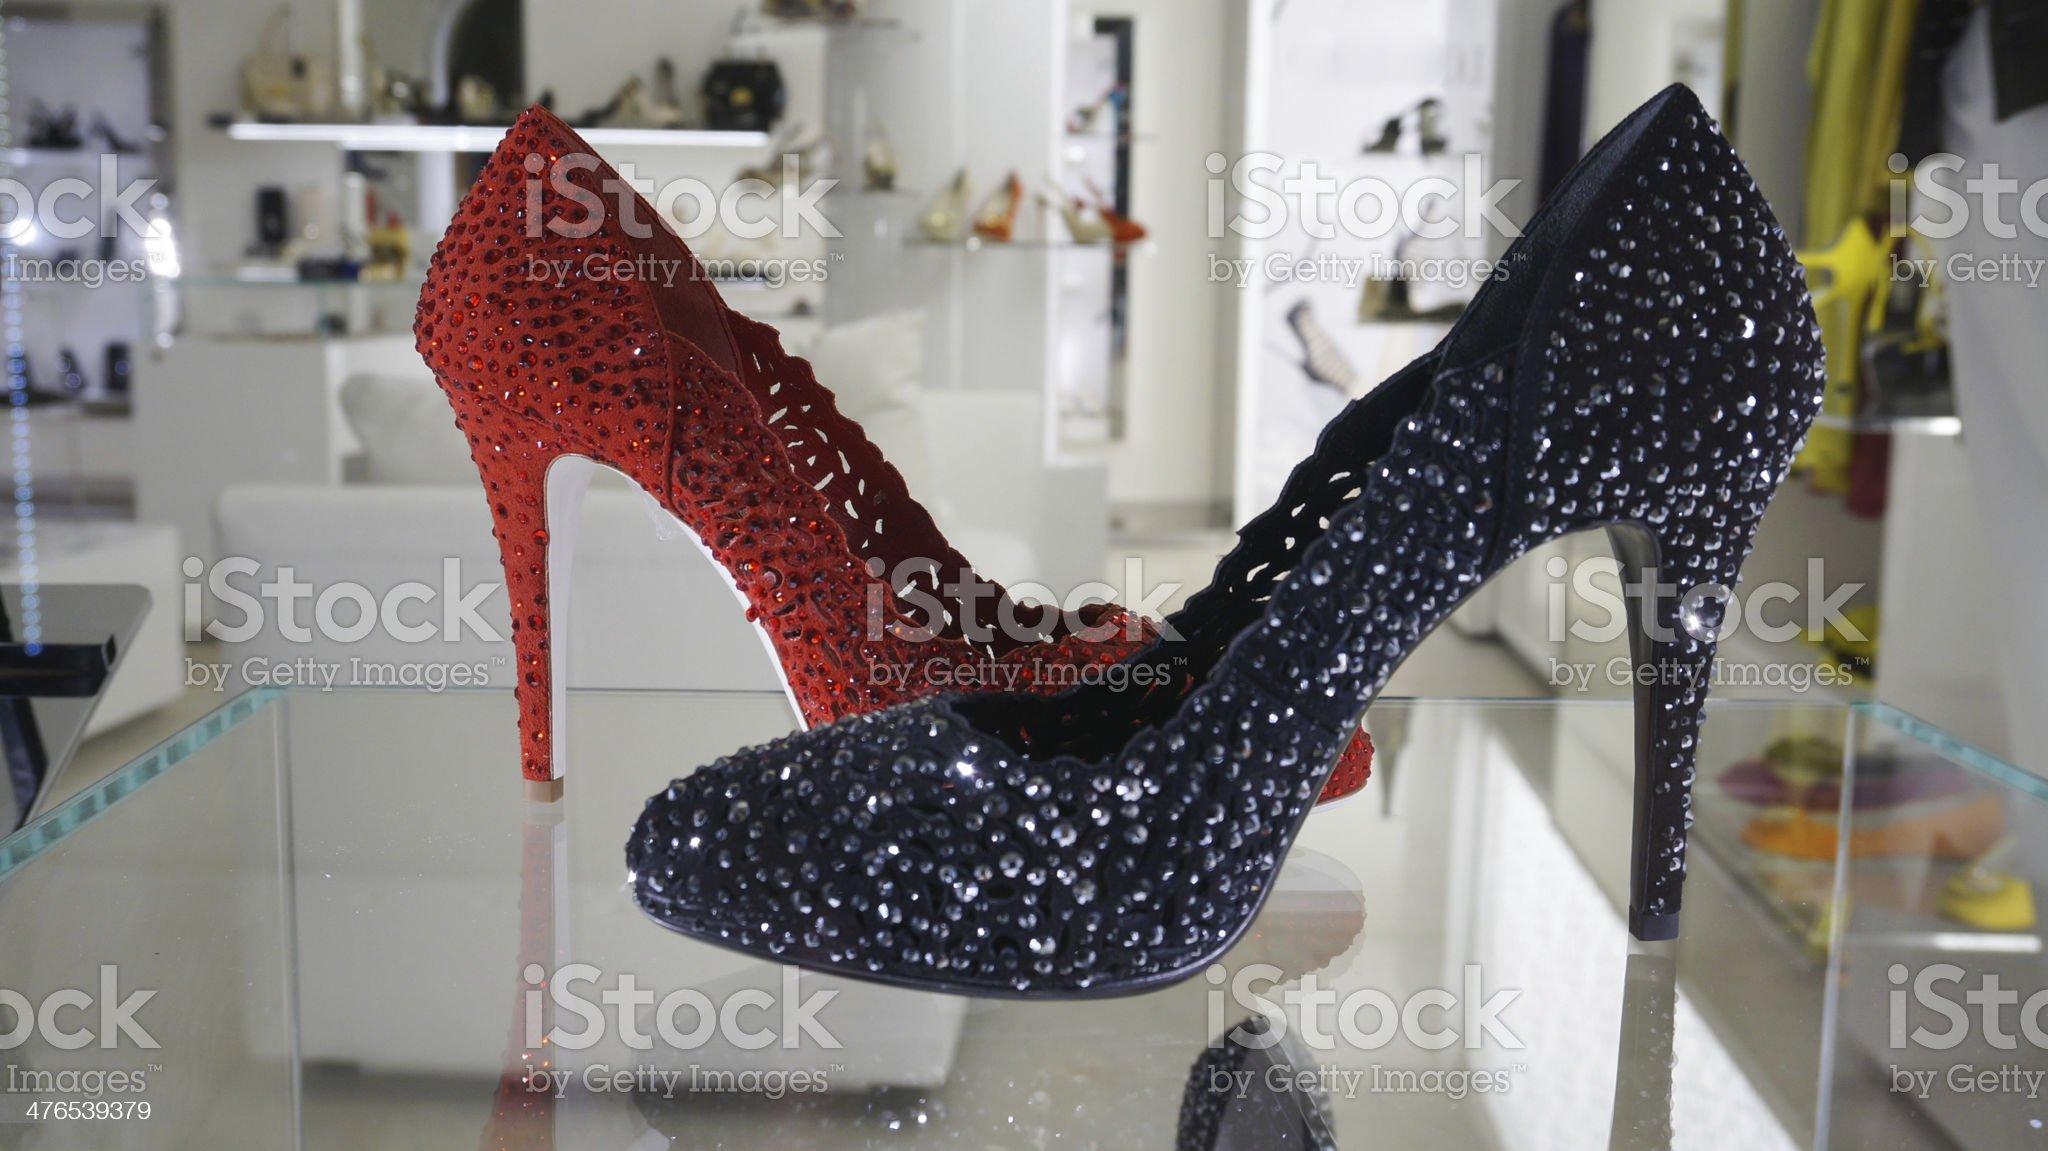 Window shopping luxury fashion shoes royalty-free stock photo